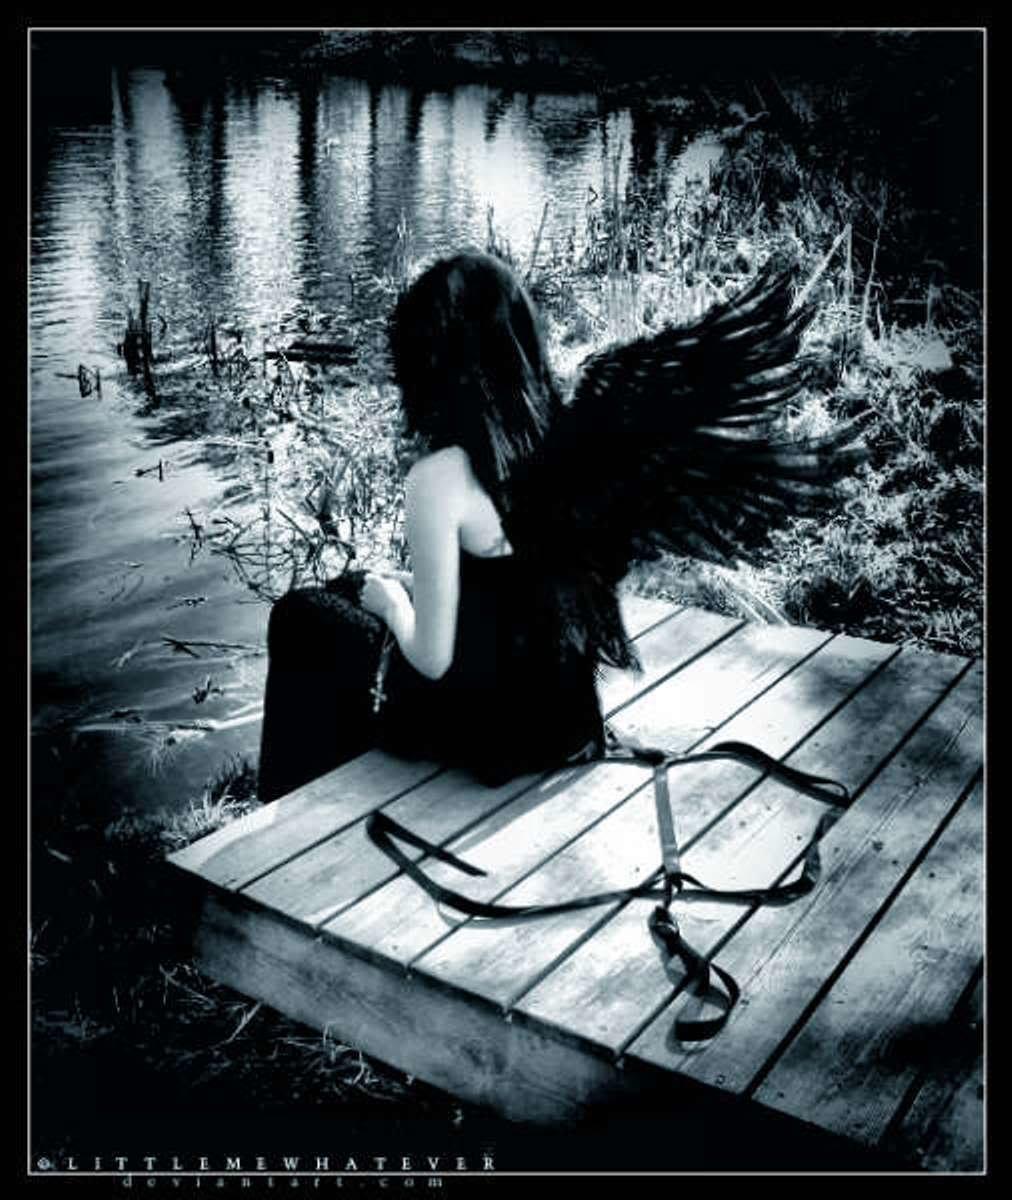 Картинка с надписью одинокая душа